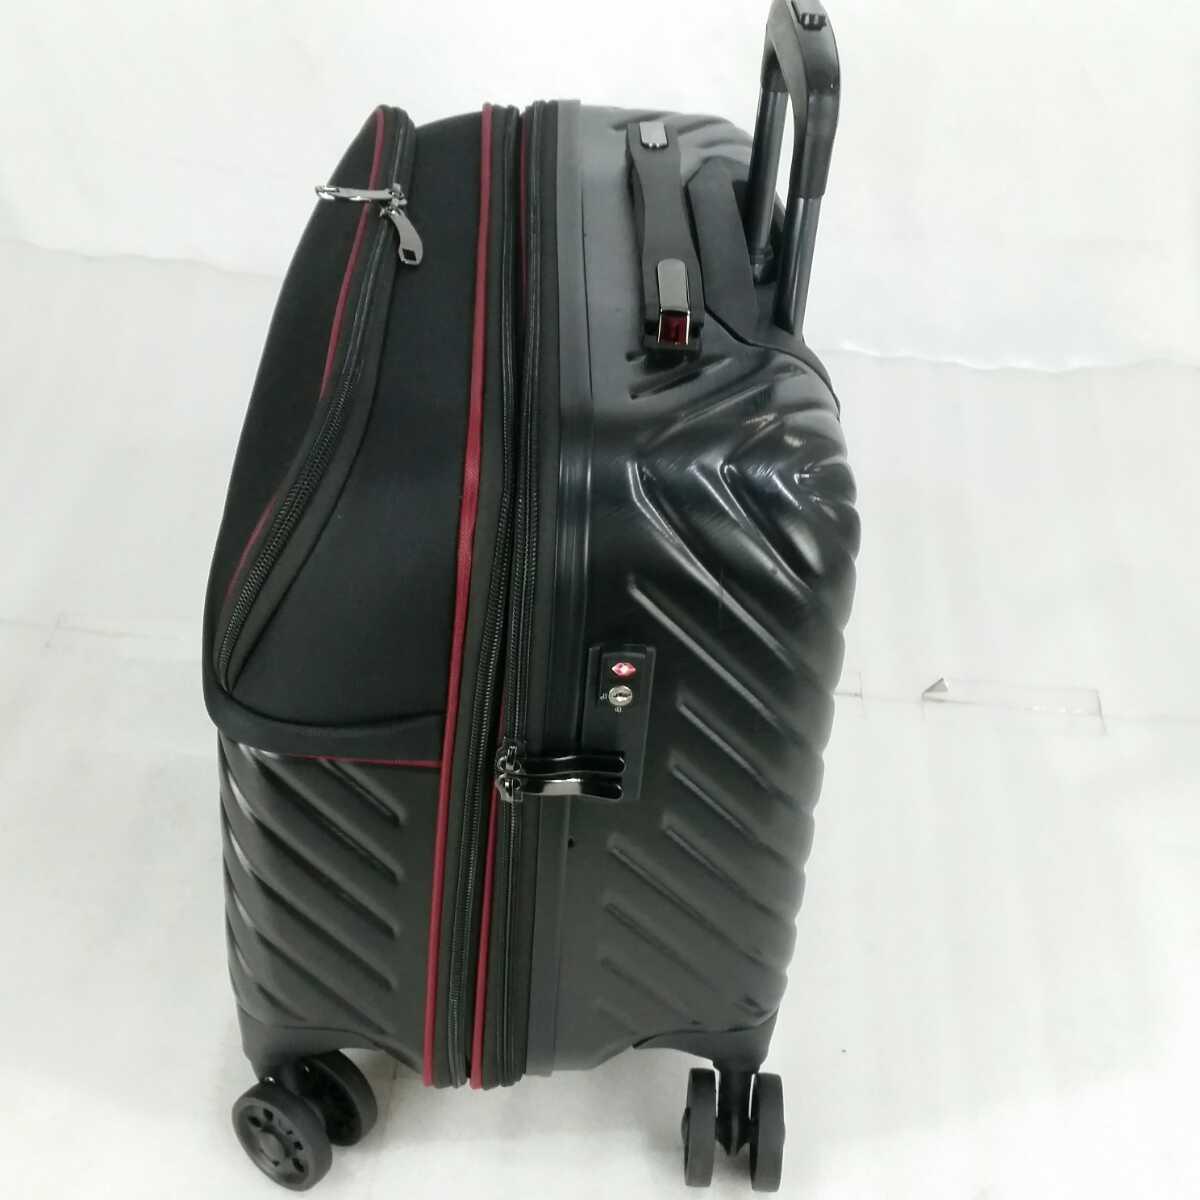 ス111 Sサイズ 横型 フロントオープン スーツケース キャリーケース 機内持ち込み 拡張機能 ブラック_画像2